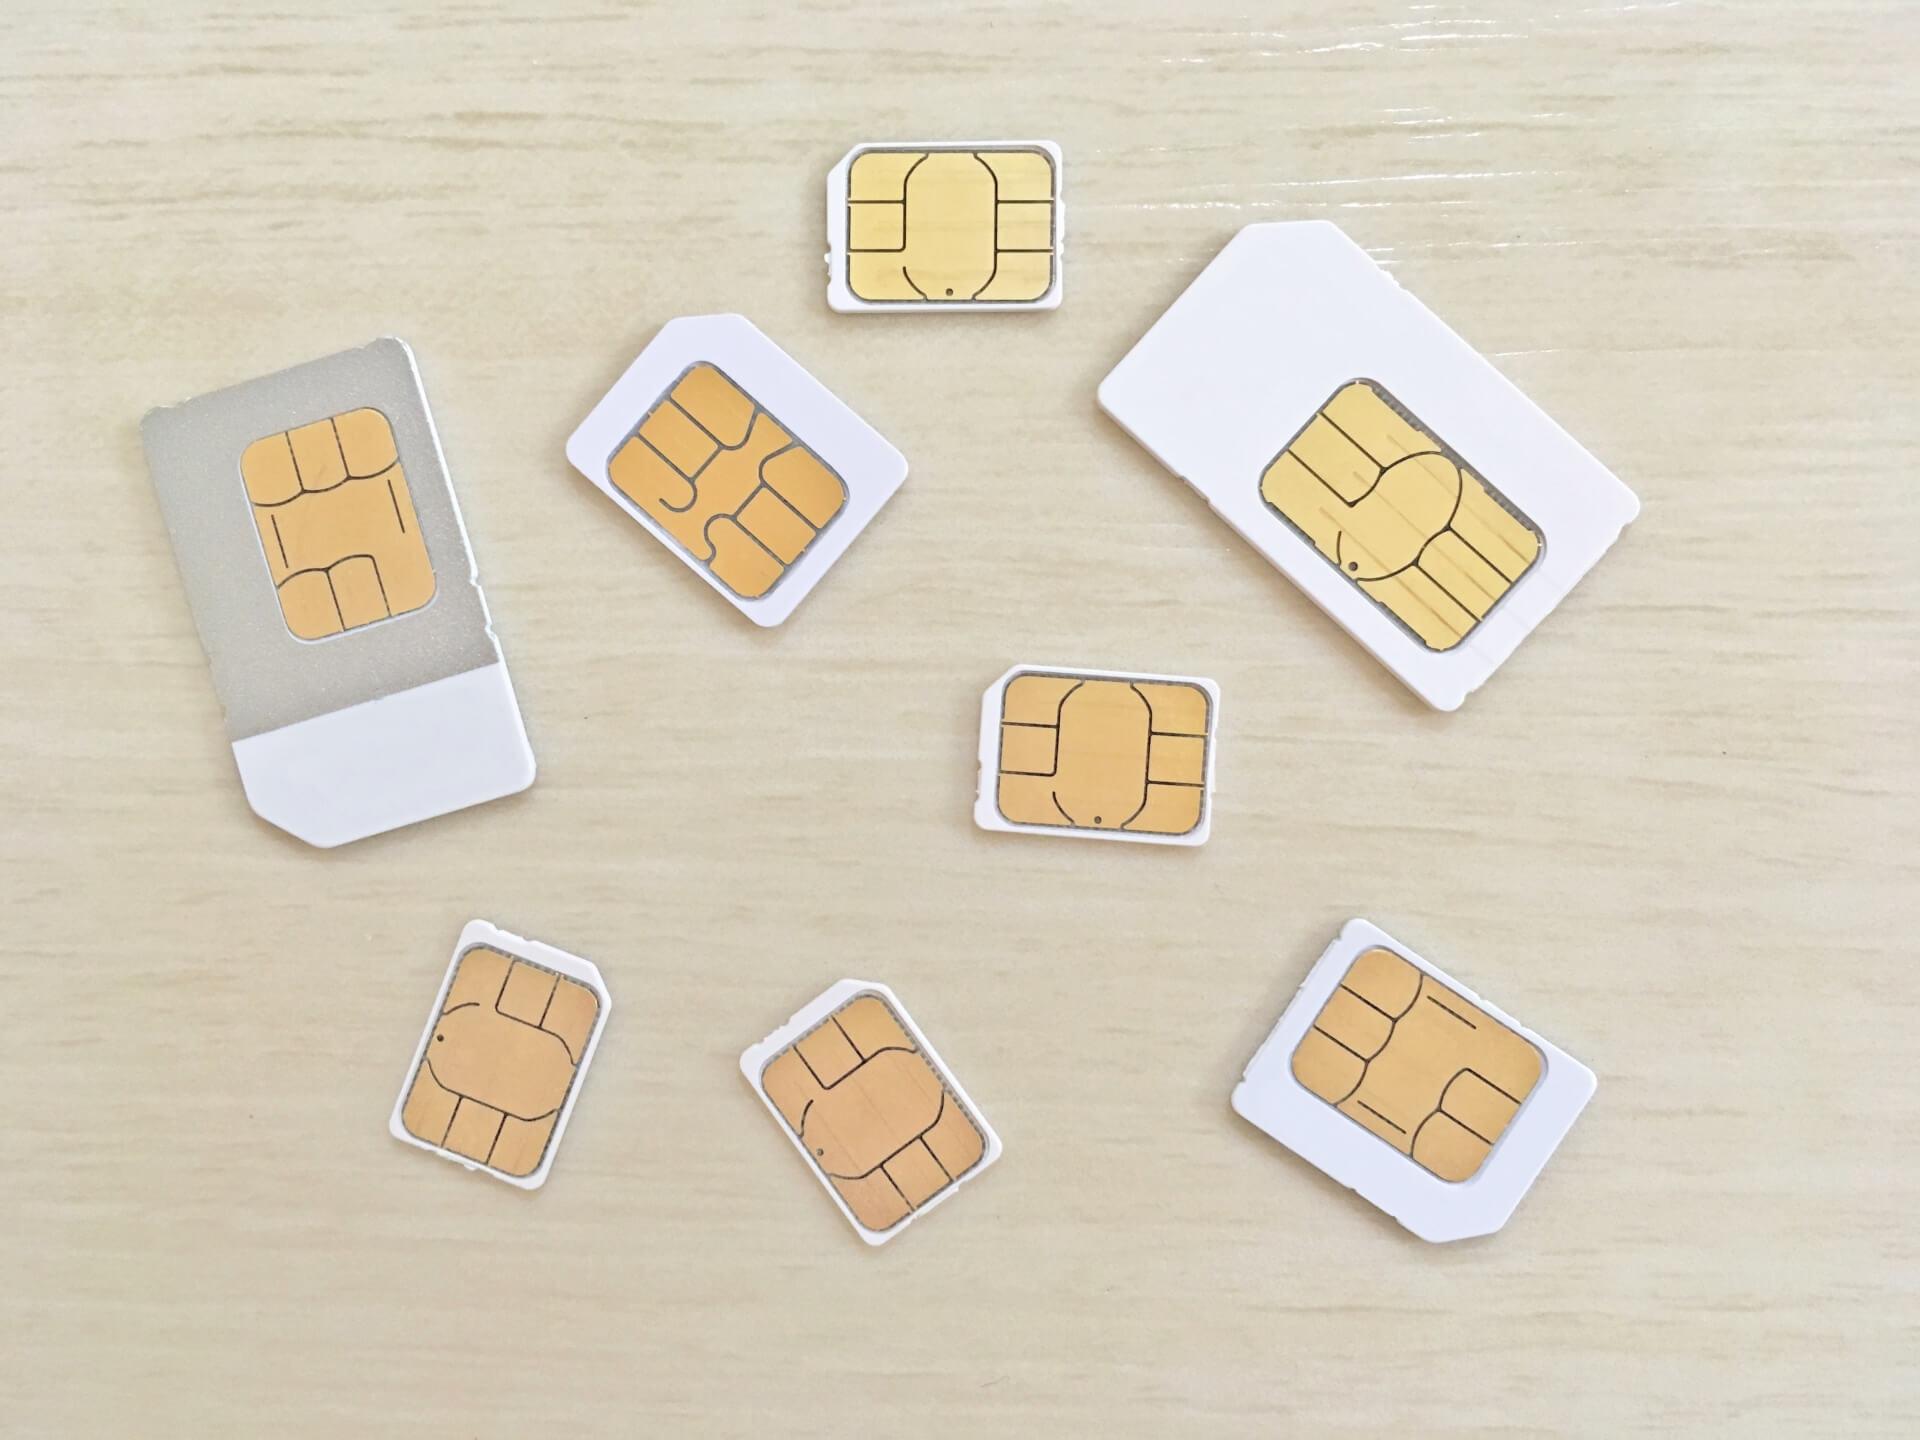 auユーザー必見|iPhone12シリーズSIMの交換方法や費用を学ぼう